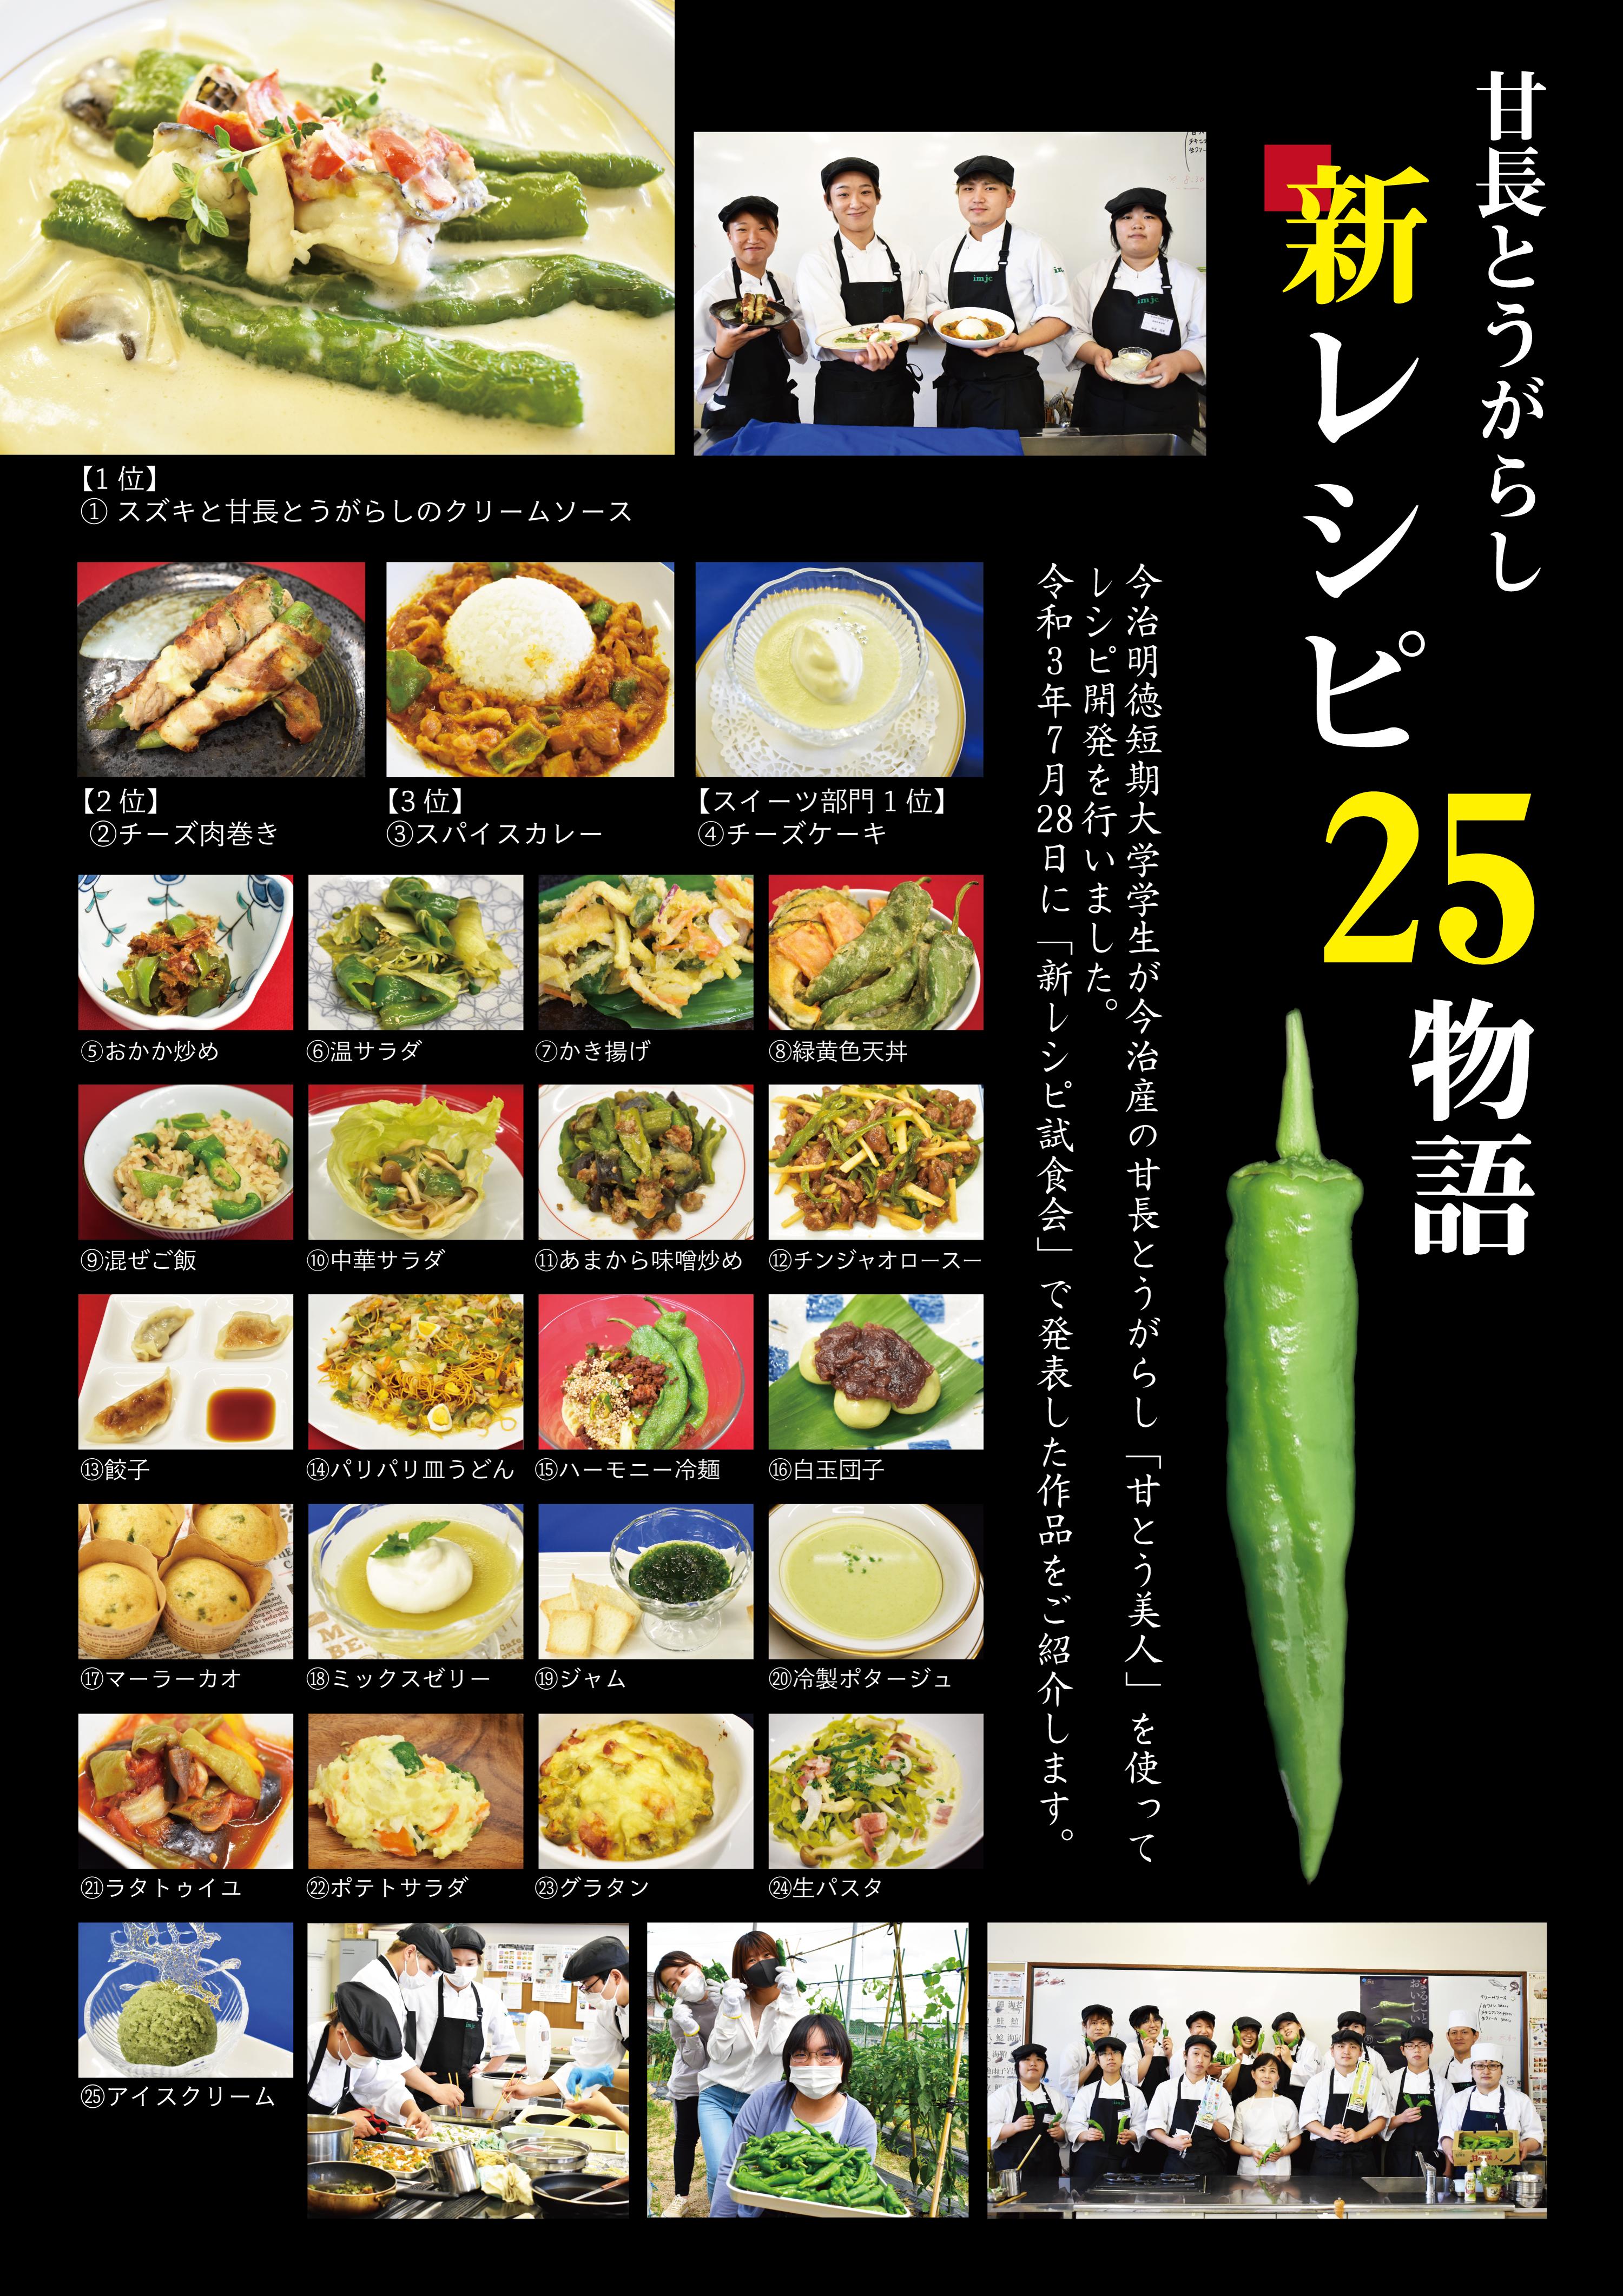 【調理】甘長とうがらし新レシピ試食会